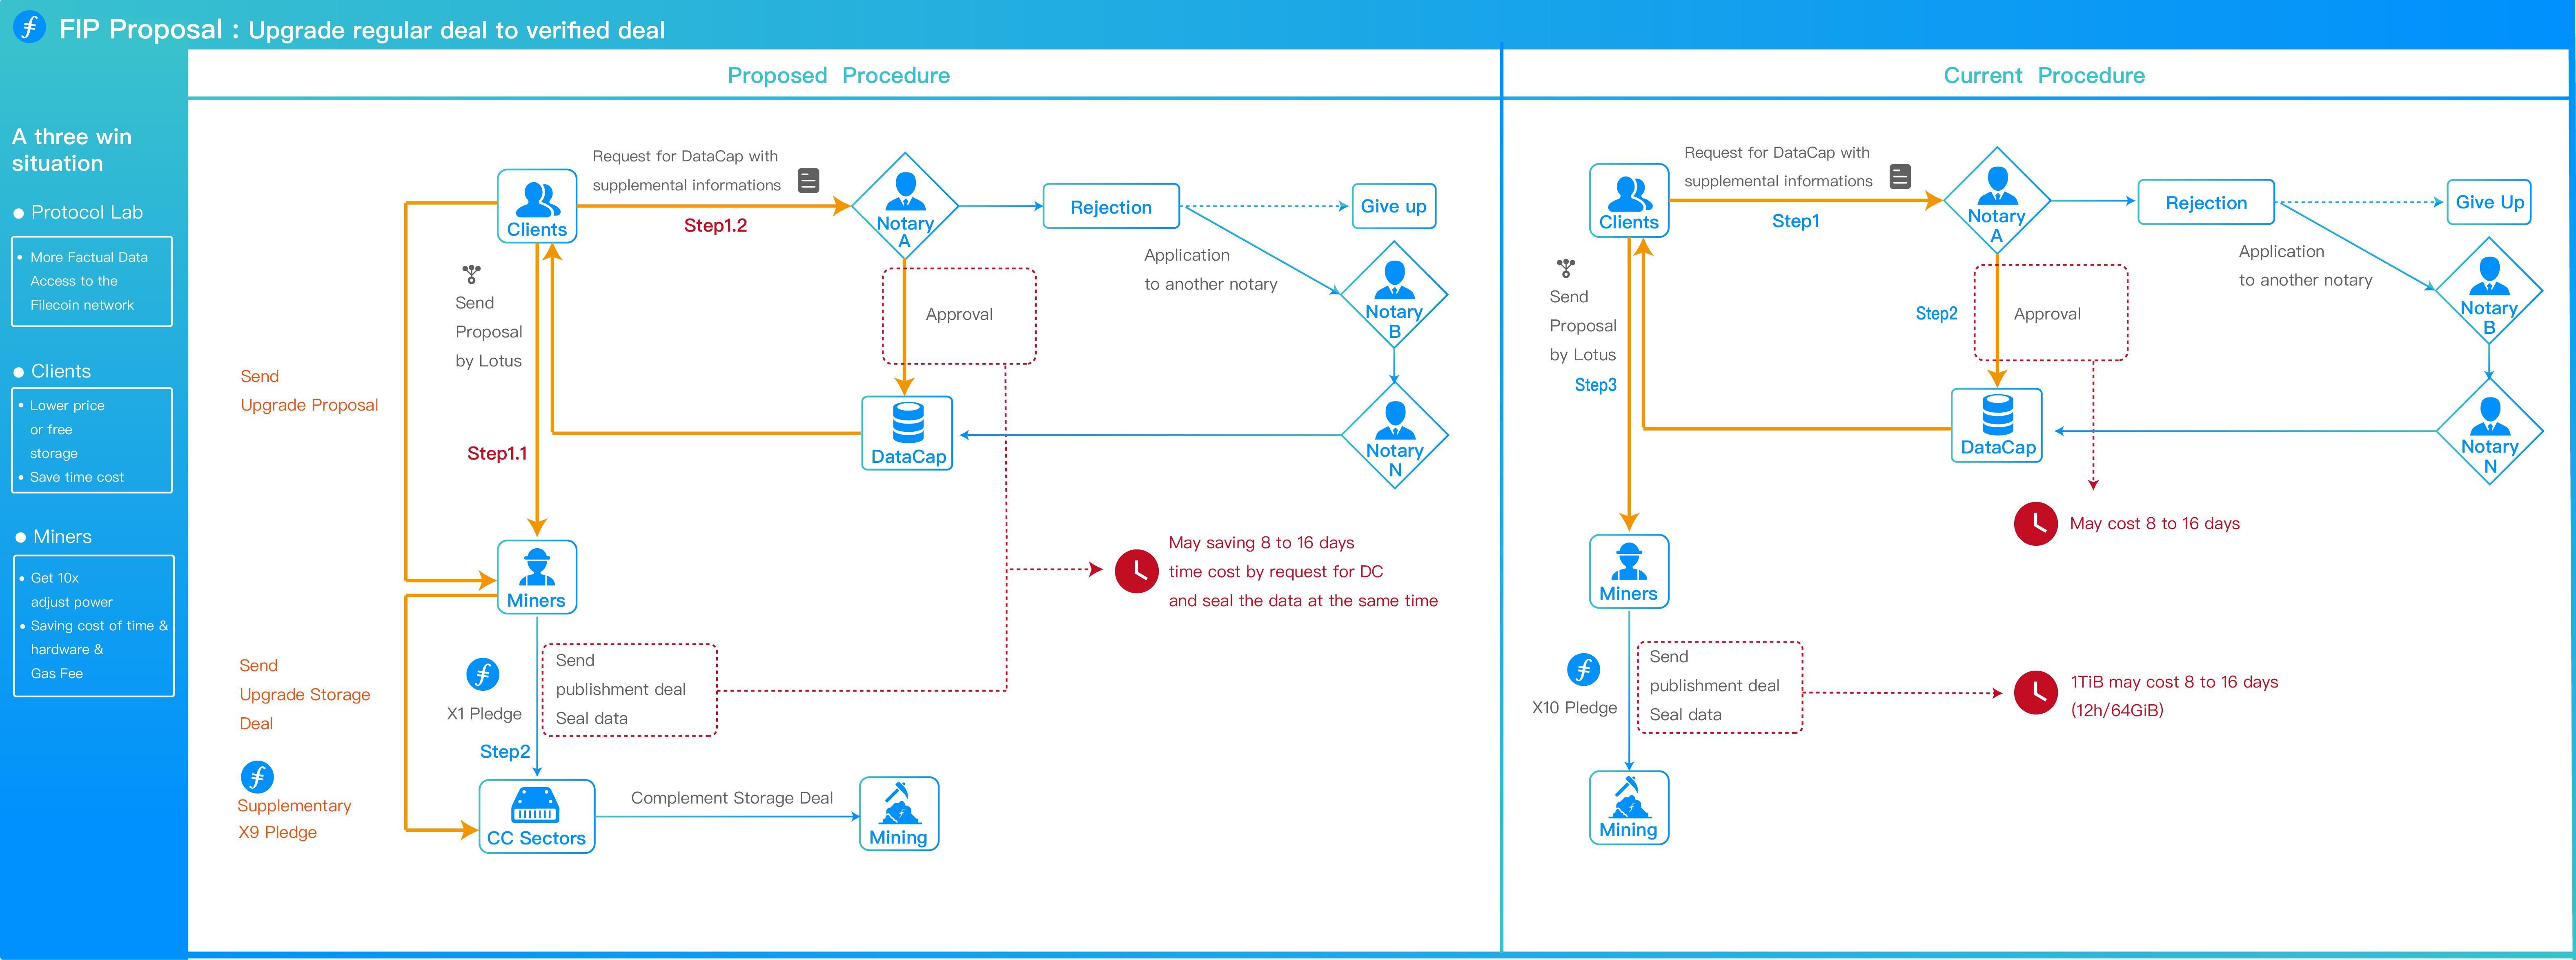 flow chart  Upgrade regular deal to verified deal